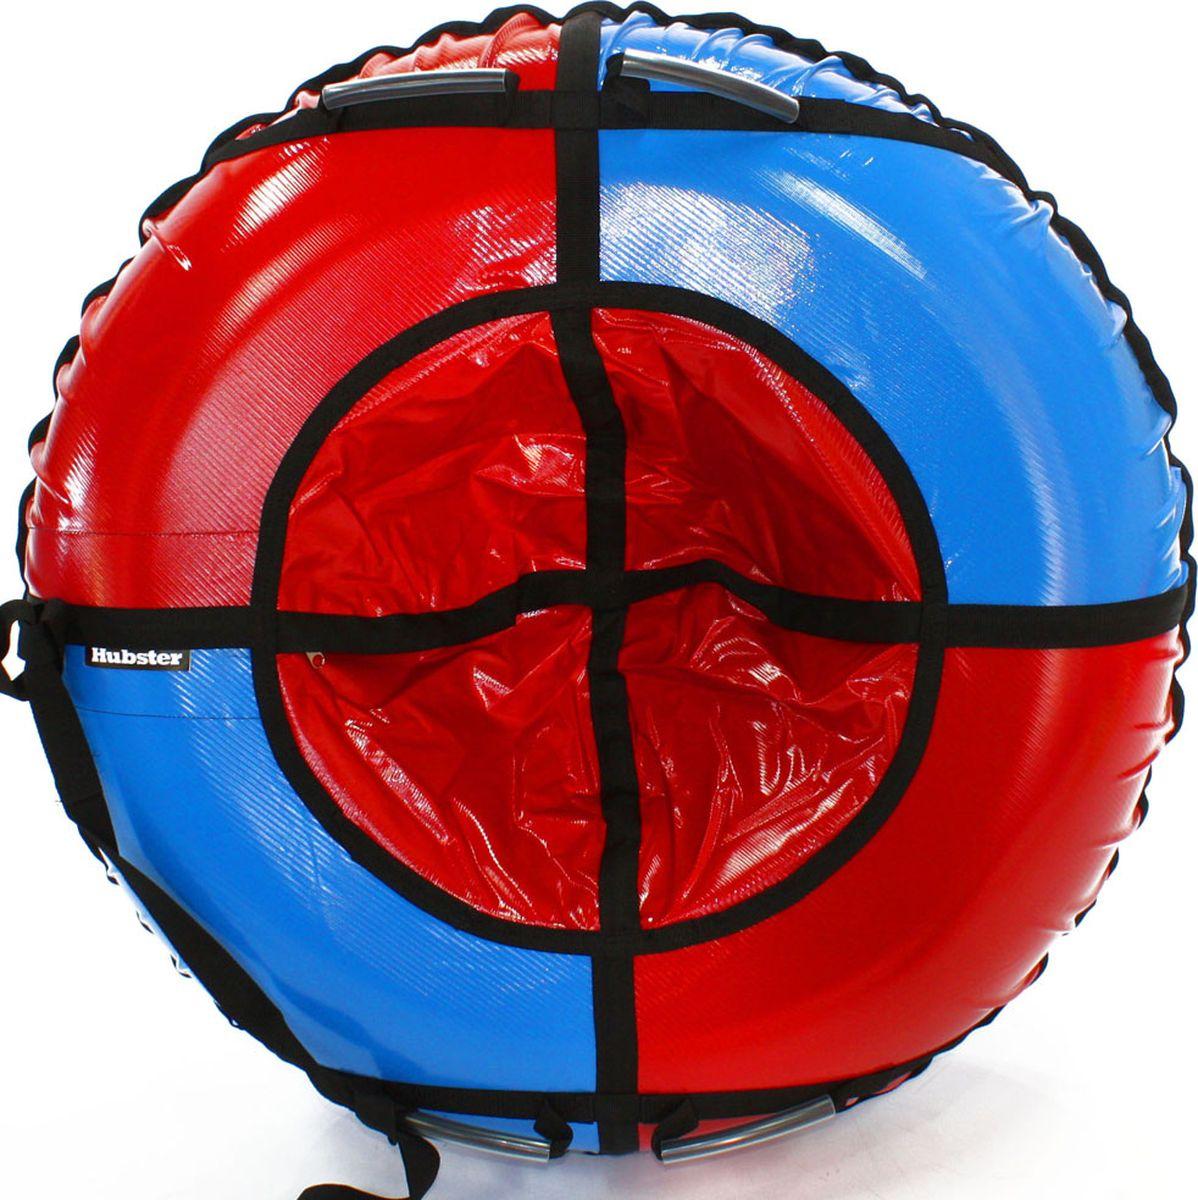 Тюбинг Hubster Sport Plus, цвет: красный, синий, диаметр 90 смво4188-3Любимая детская зимняя забава - это кататься с горки. А катание на тюбинге надолго запомнится вам и вашим близким. Свежий воздух, веселая компания, веселые развлечения - эти моменты вы будете вспоминать еще долгое время.Материал верха - ПВХ армированный, плотность 650 г/м .Материал дна - ПВХ (усиленная скользкая ткань), плотность 650 г/м.Диаметр в сдутом виде - 90 см.Диаметр в надутом виде - 79 см.Ручки усиленные (нашиты на дополнительную стропу).Кол-во ручек - 90 см - 2 шт. Молния скрытая, на сиденье.Крепление троса - наружная петля.Длина троса - 1 метр.Нагрузка - 90 см - до 80 кг.Комплект поставки - ватрушка, трос, камера.Тюбинг не предназначен для буксировки механическими или транспортными средствами (подъемники, канатные дороги, лебедки, автомобиль, снегоход, квадроцикл и т.д.)Зимние игры на свежем воздухе. Статья OZON Гид